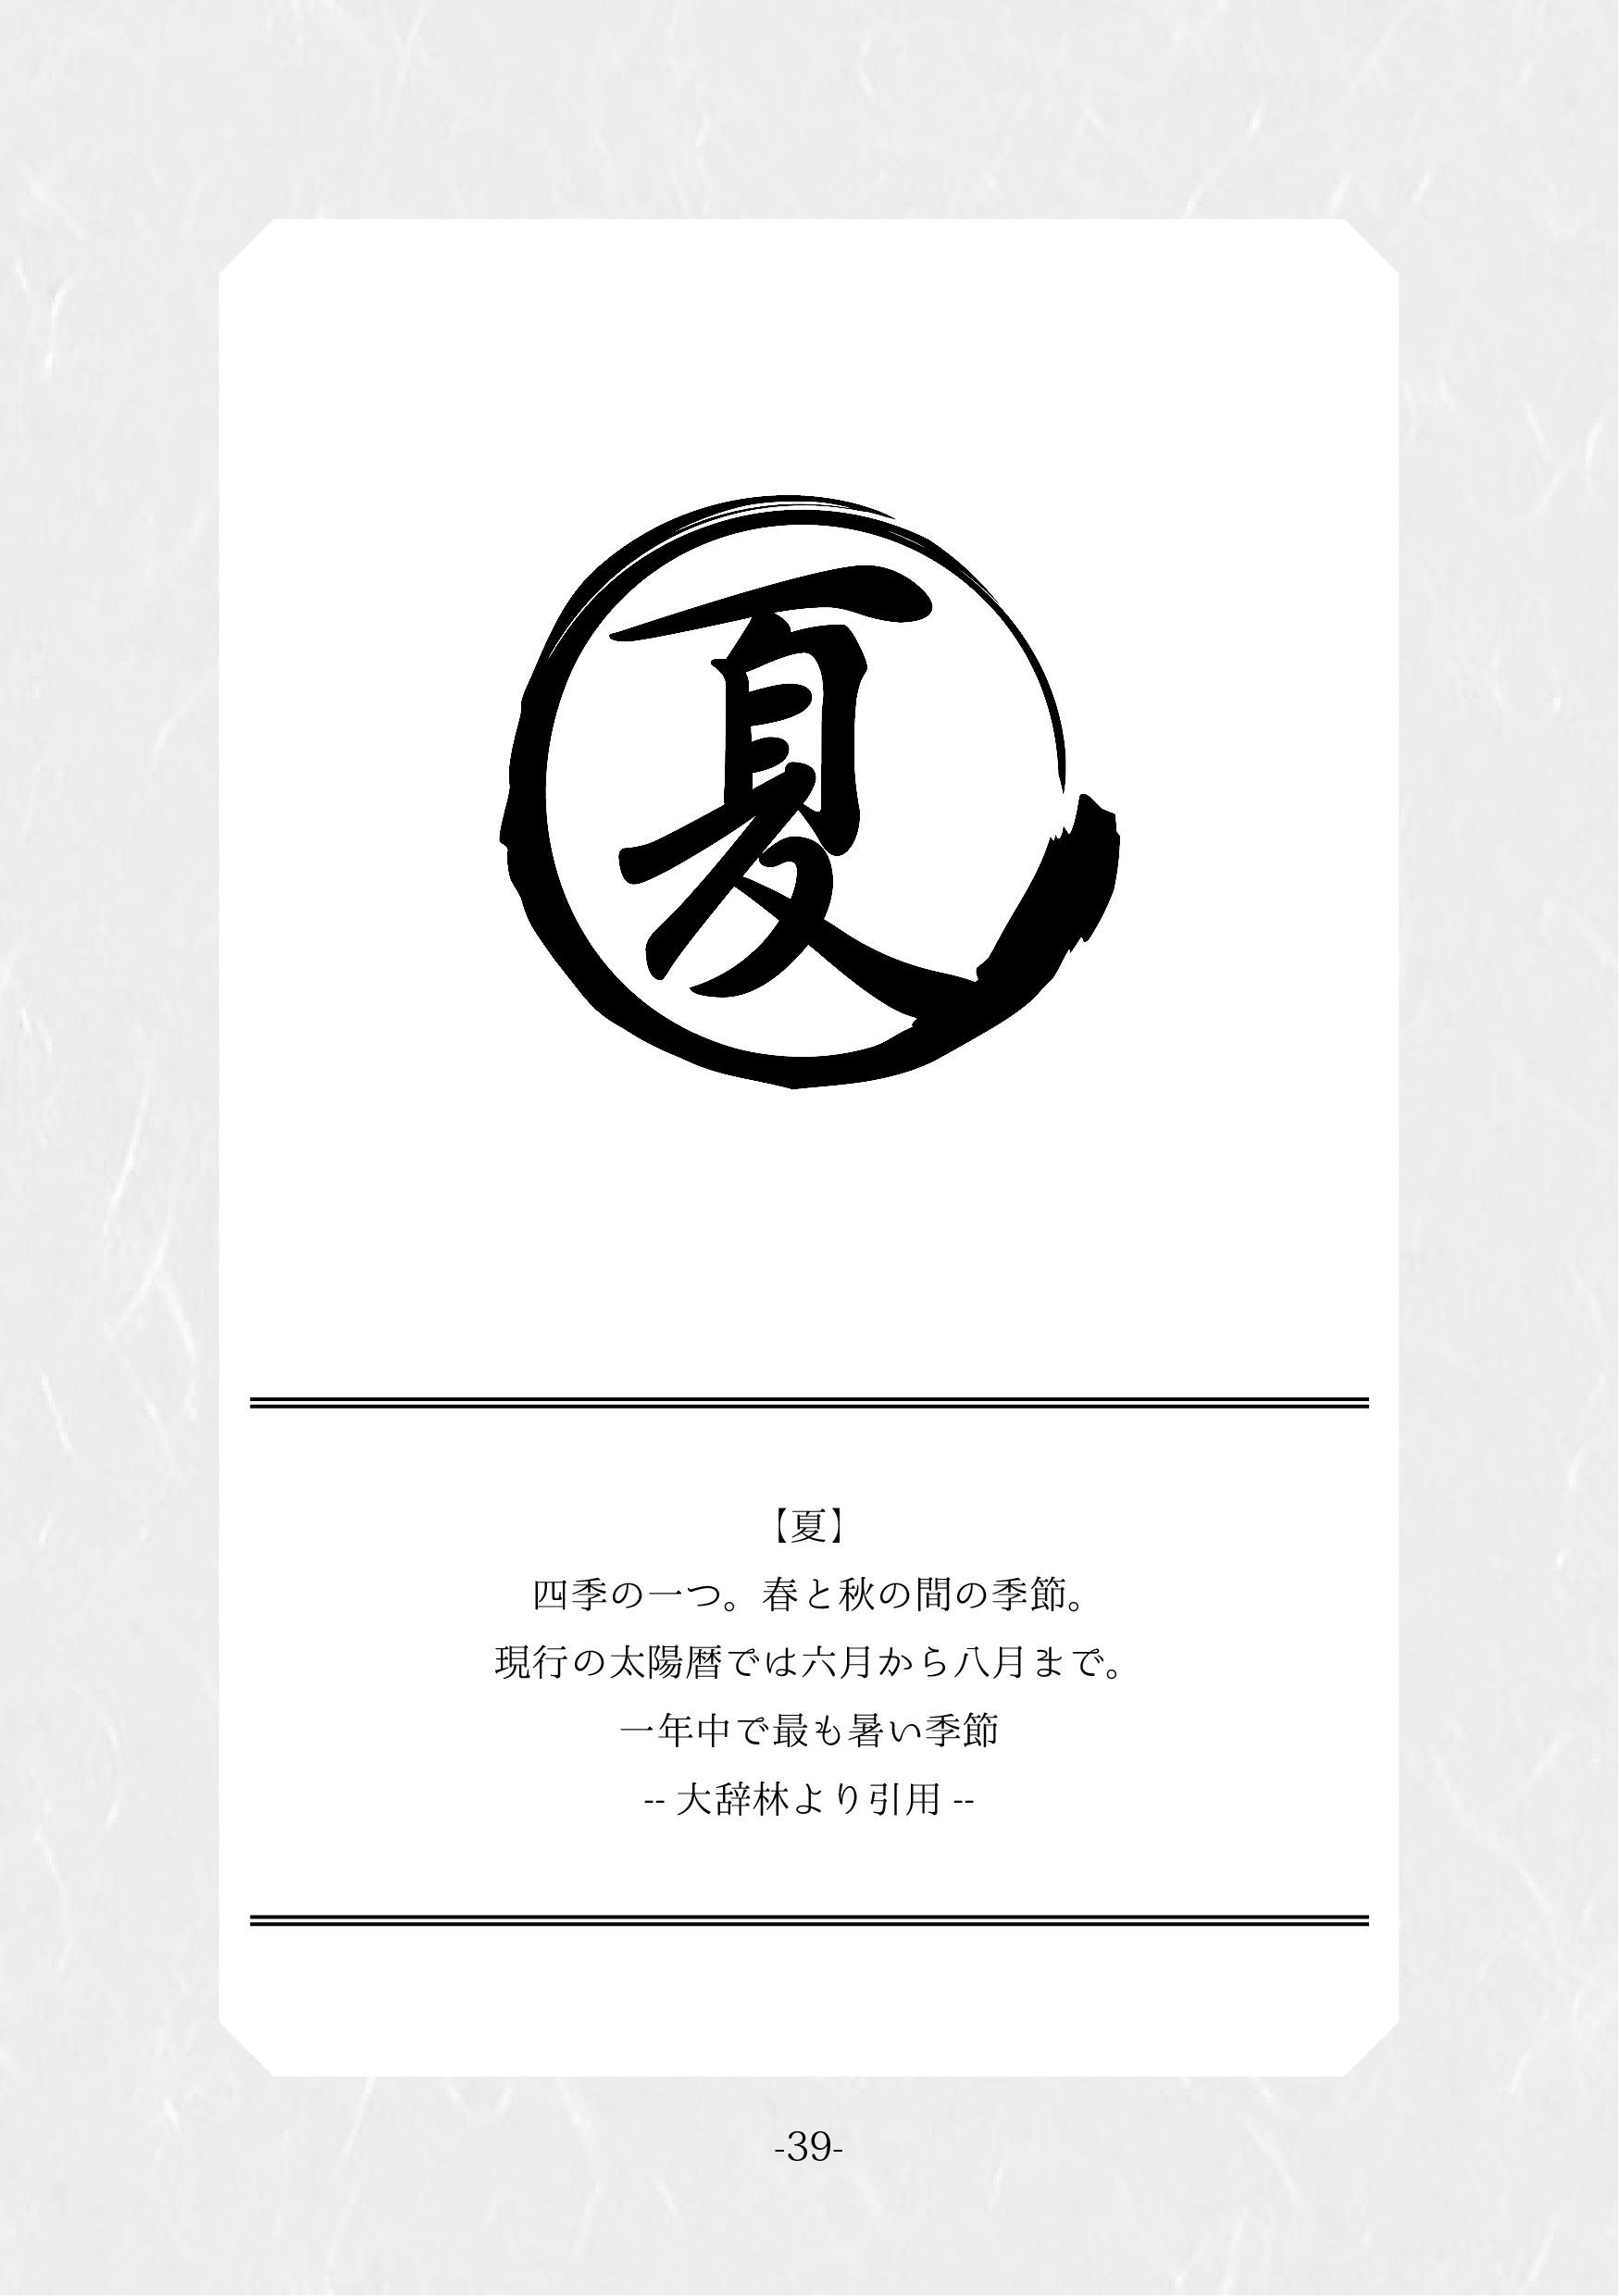 四季-入稿用0439